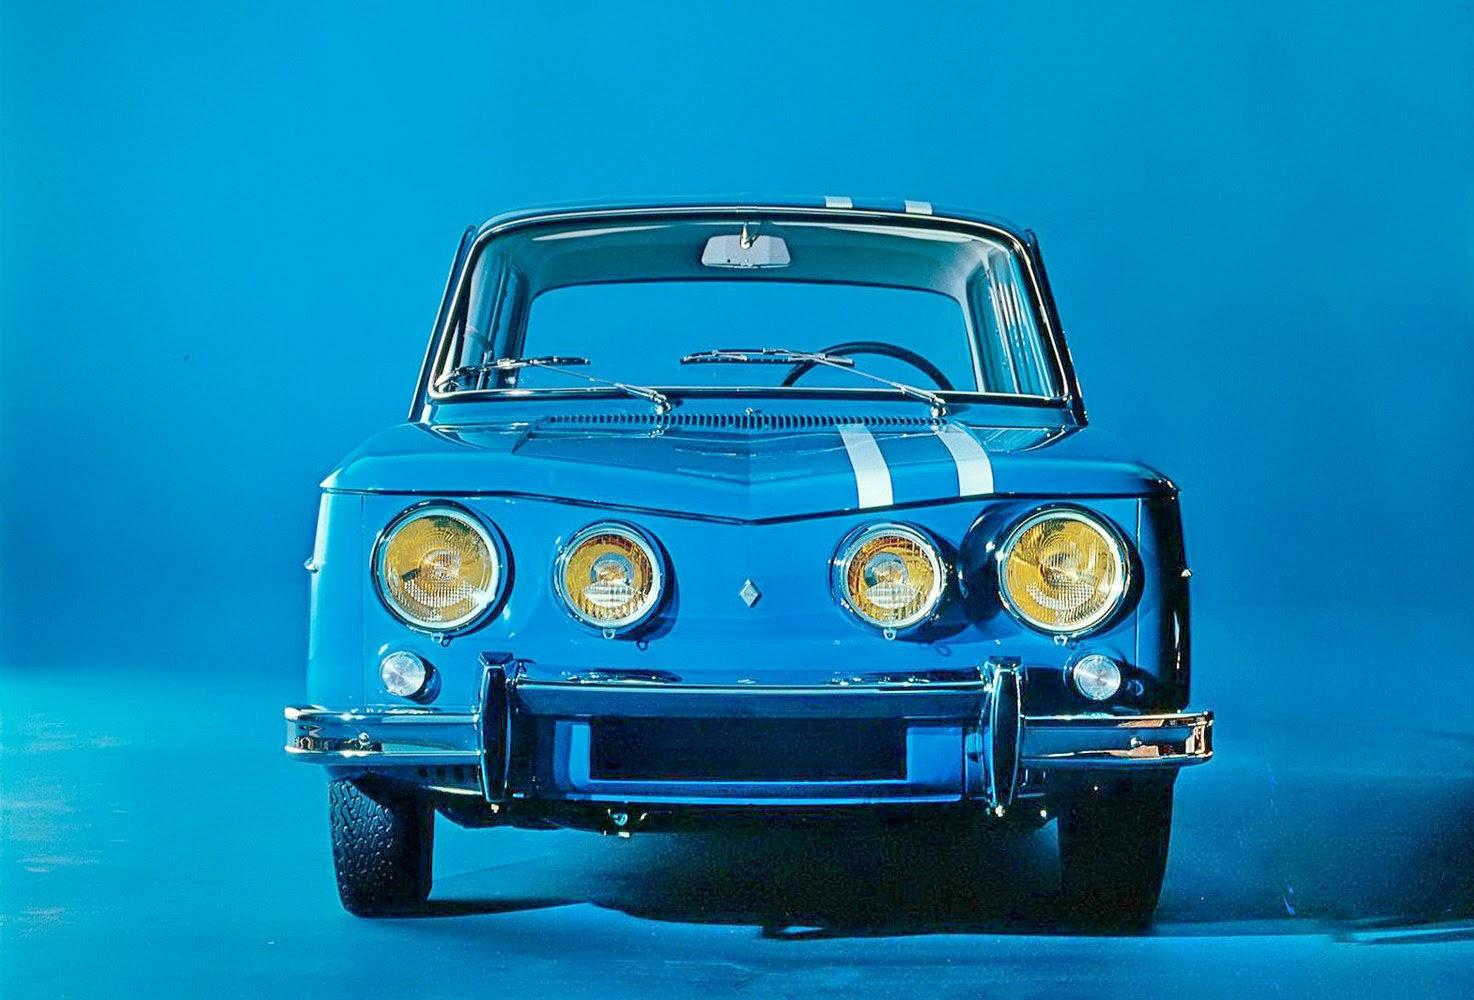 clasp garage renault 8 gordini. Black Bedroom Furniture Sets. Home Design Ideas